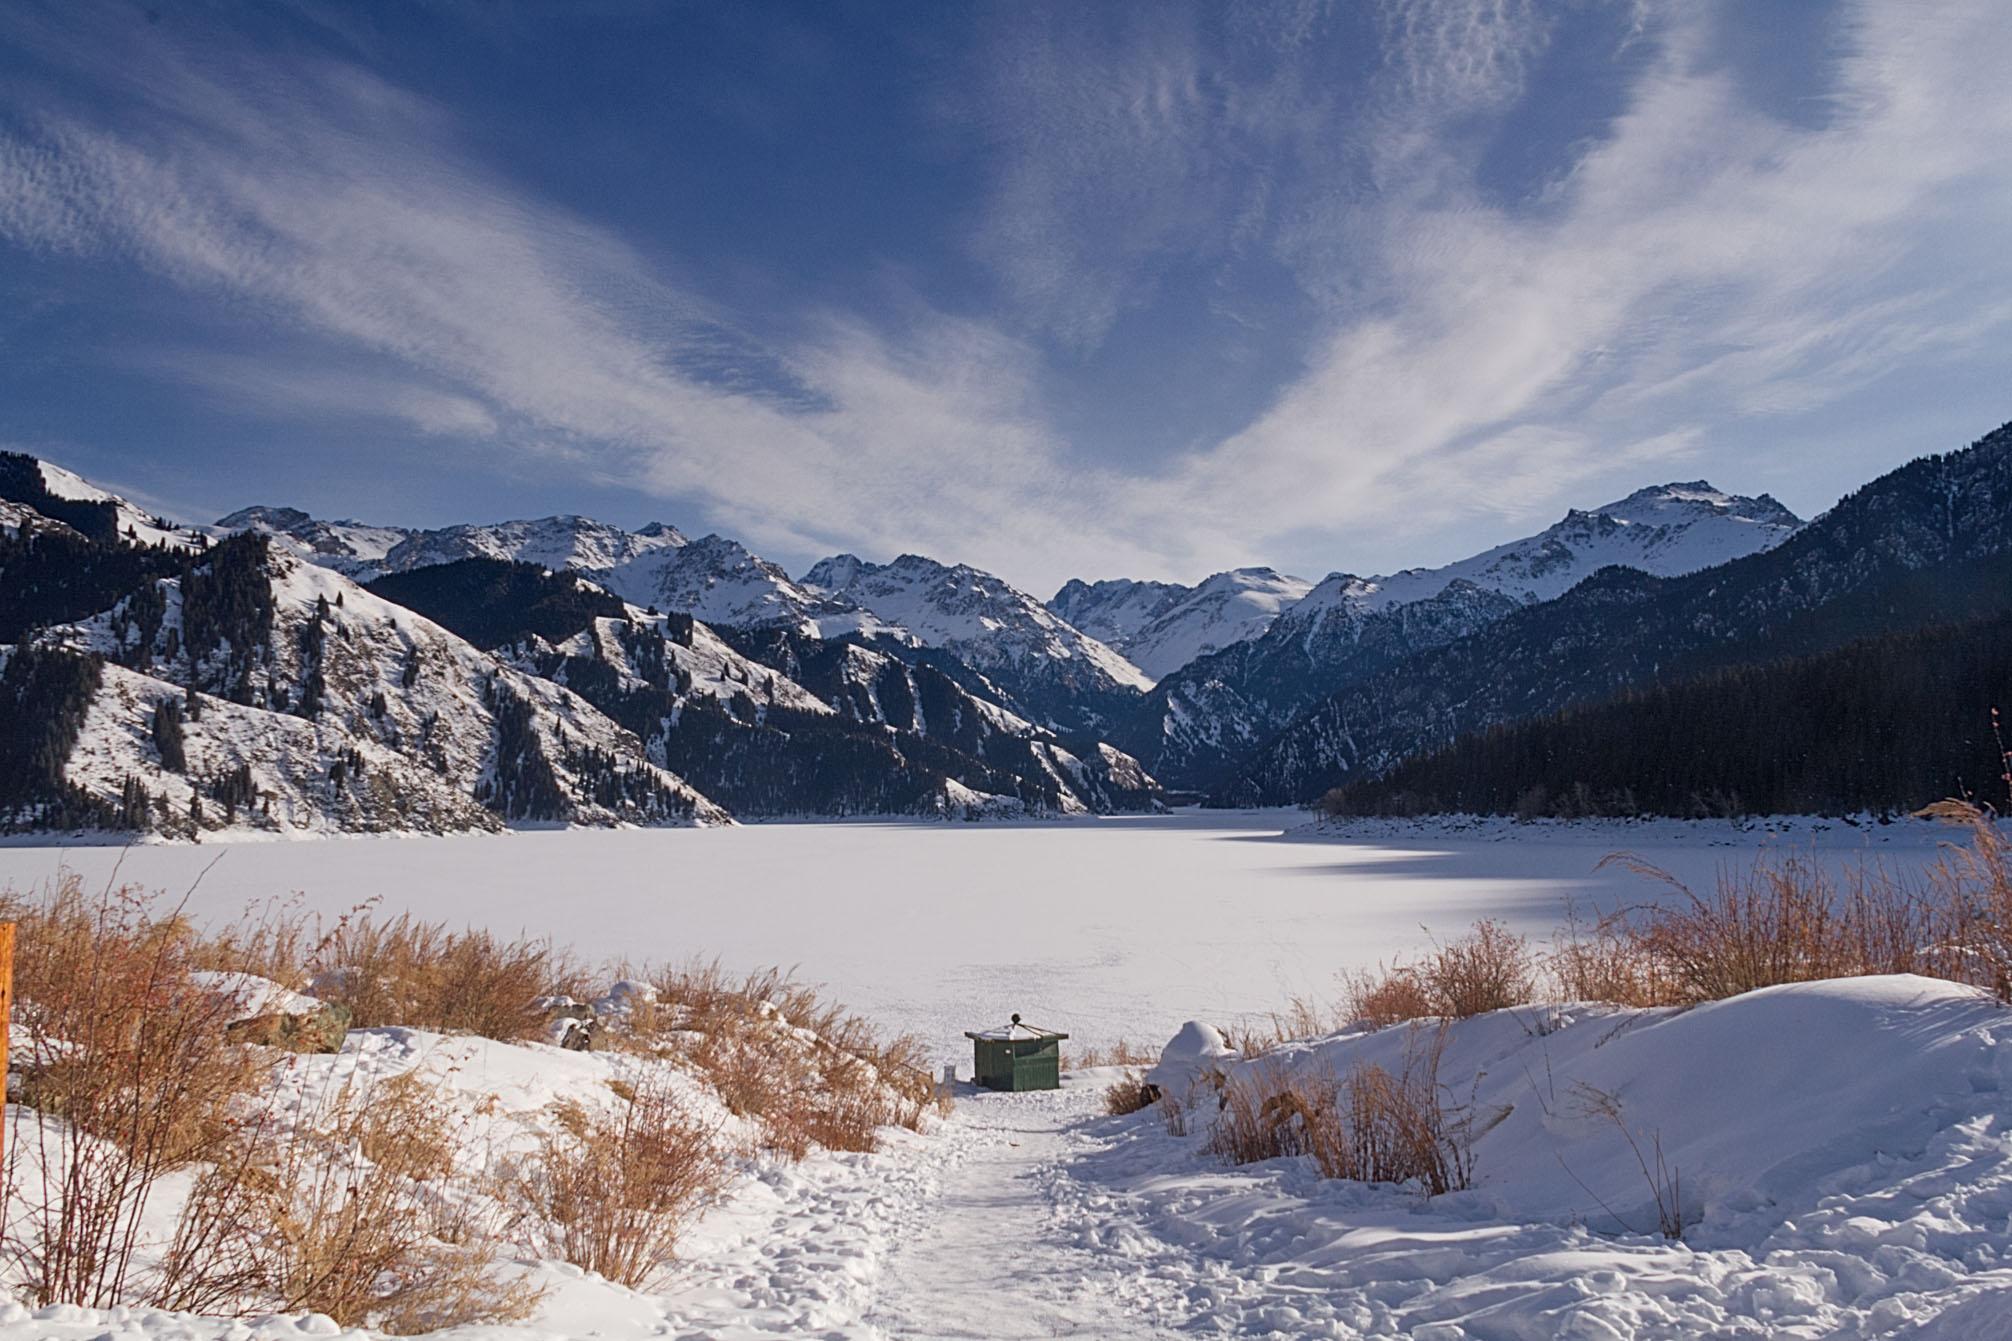 Tian Shan ( 天池 ), the Heavenly Lake, Xinjiang, China